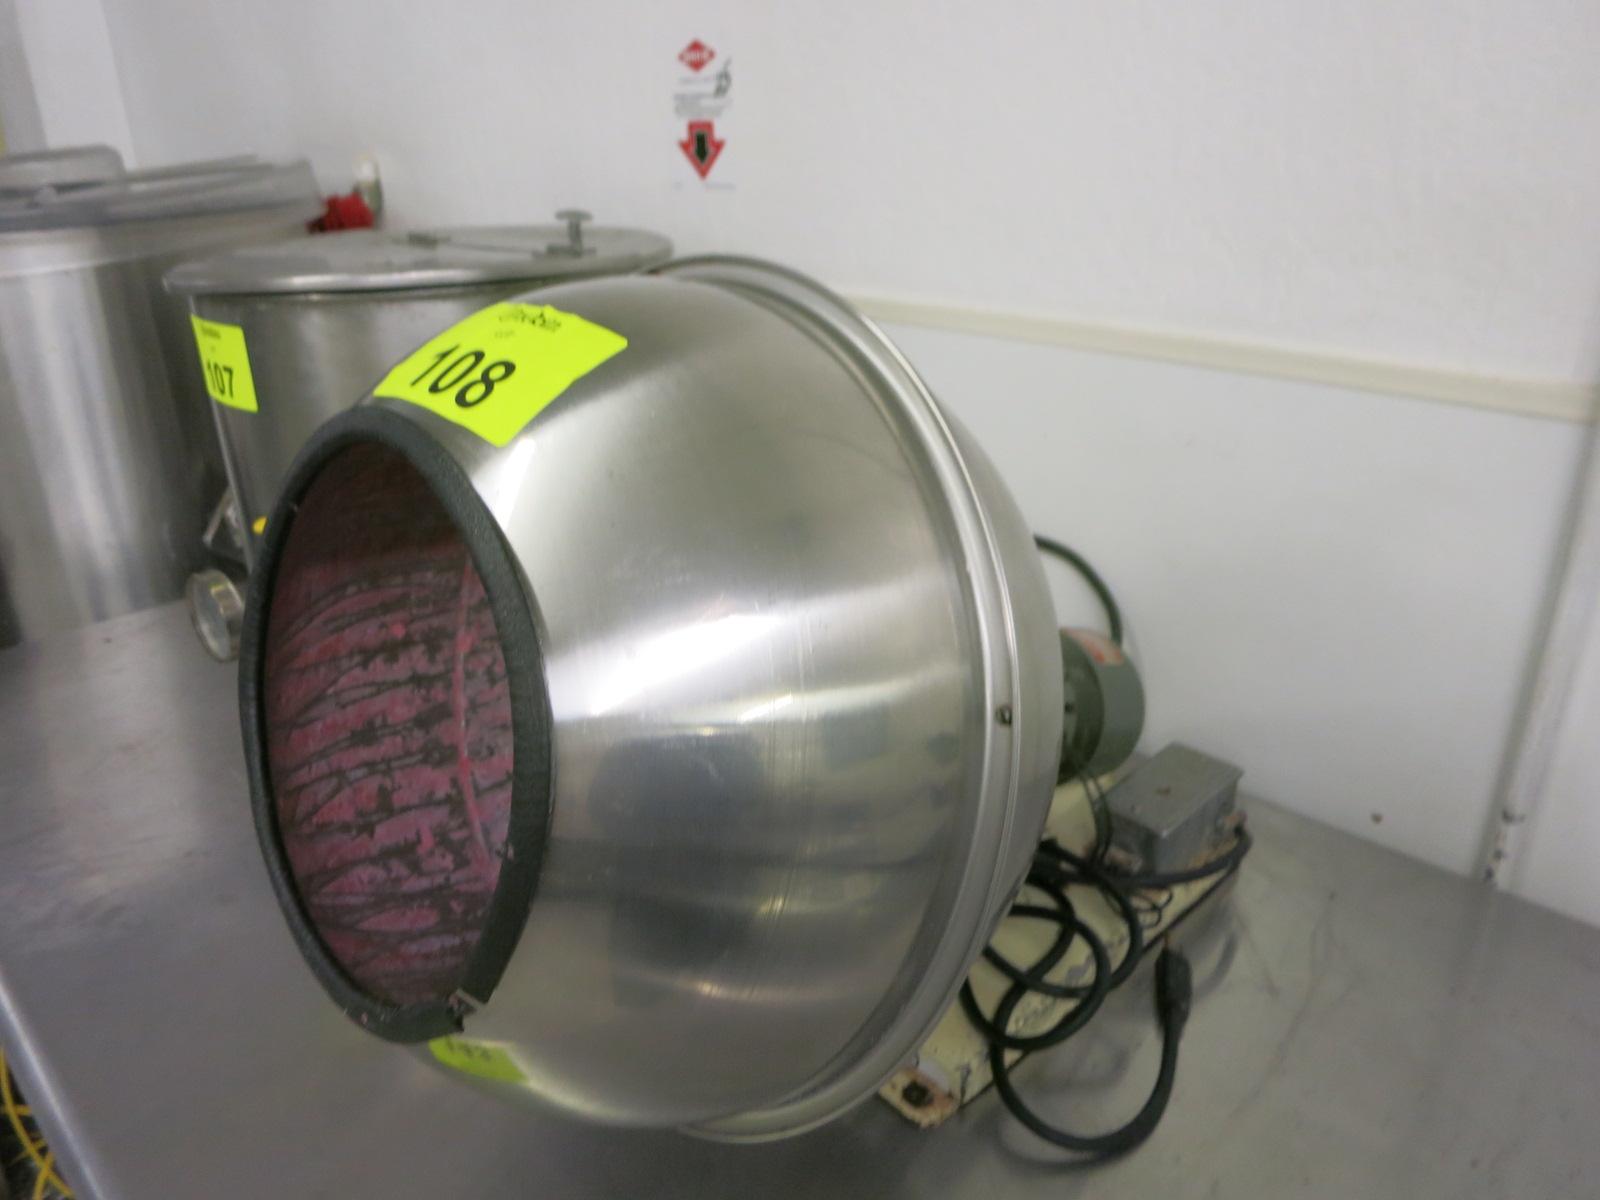 Lot 108 - R & D Coating Pan